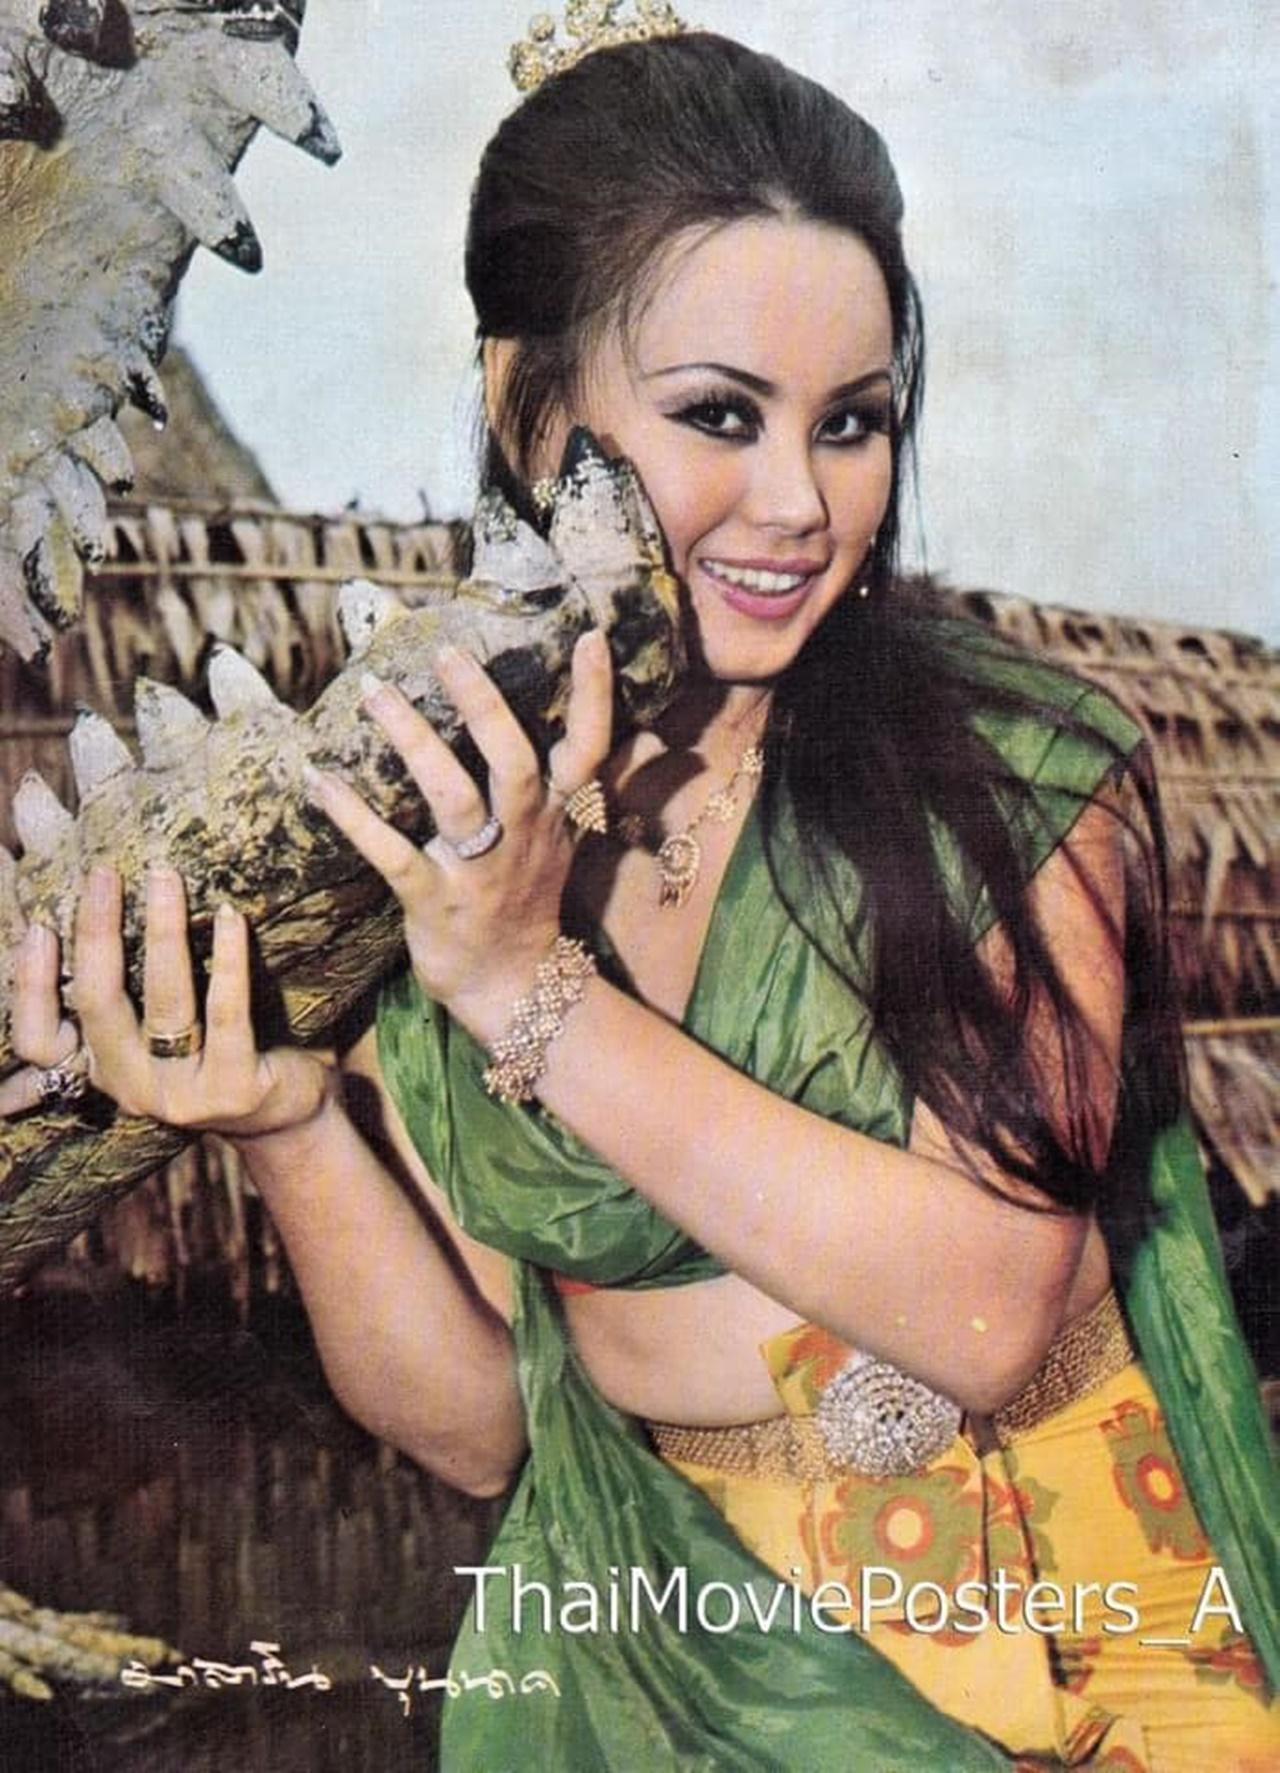 ภาพจาก ThaiMoviePoster